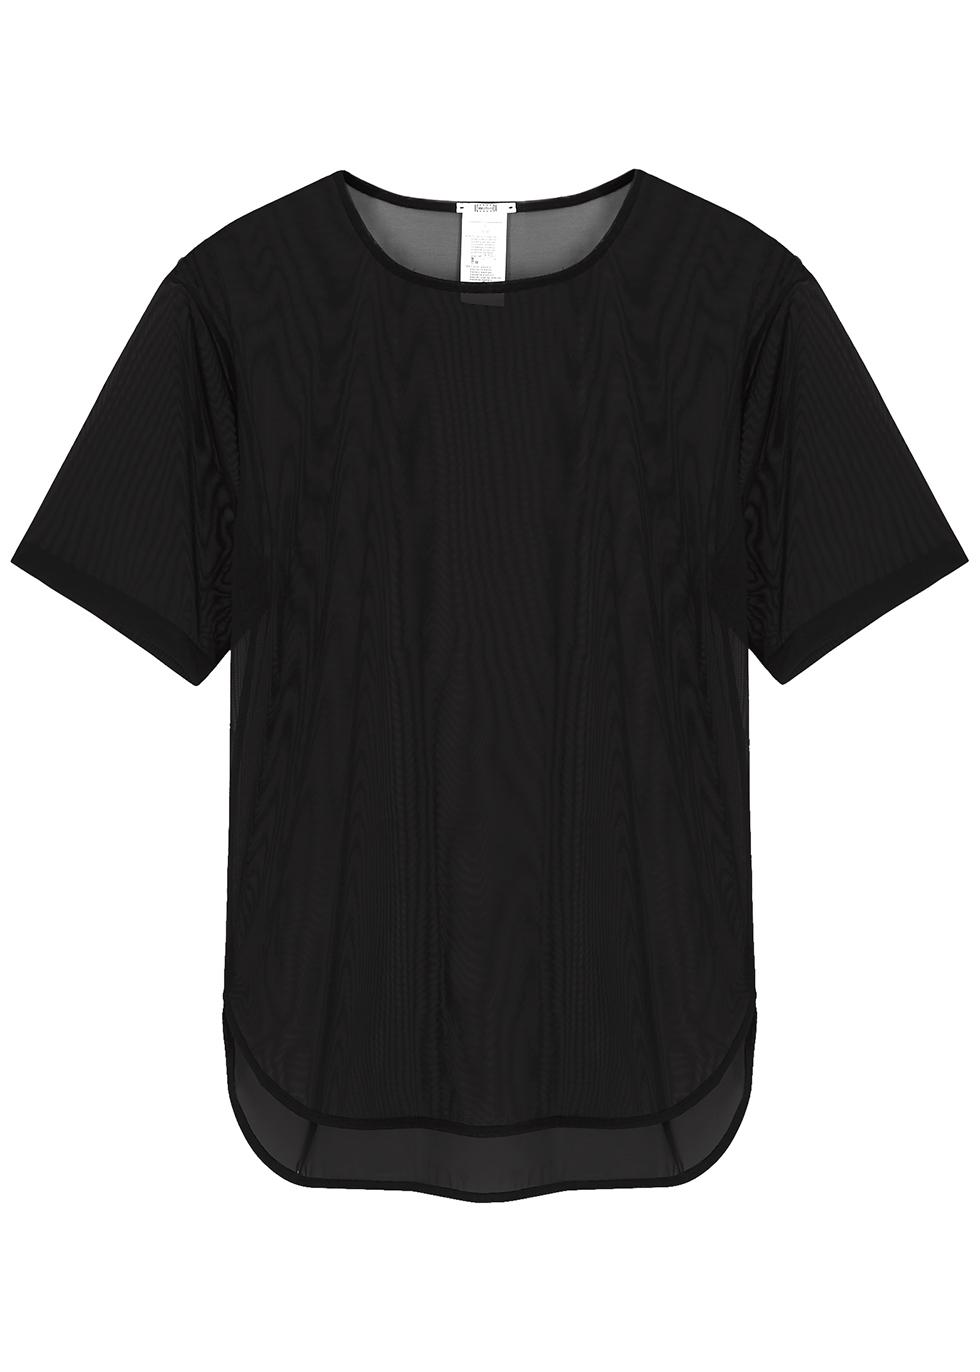 Black sheer tulle T-shirt